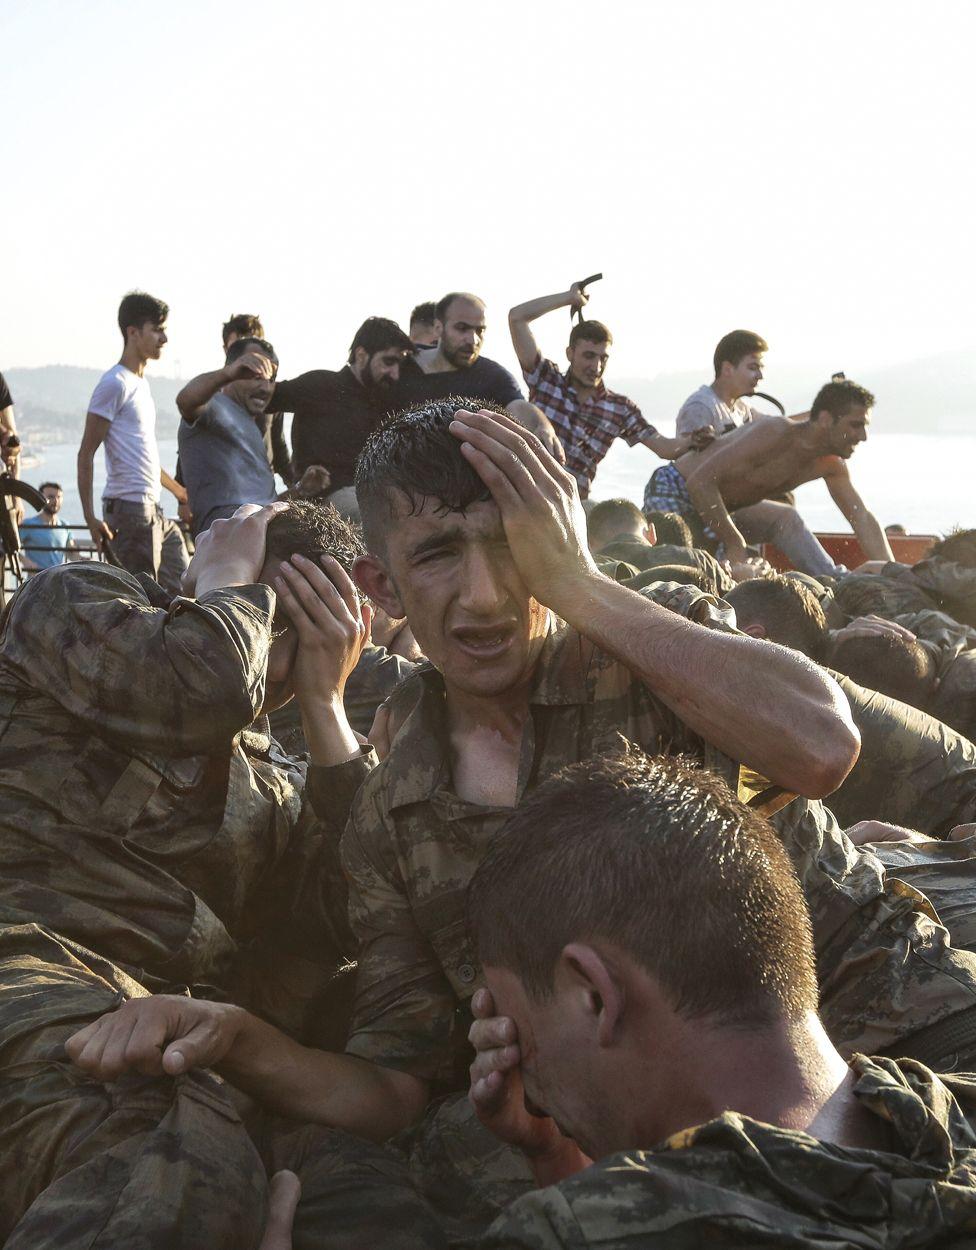 7. Июль. Утро после неудачной попытки государственного переворота в Турции. На фото – избиение солдат, которые участвовали в попытке свергнуть президента Эрдогана.